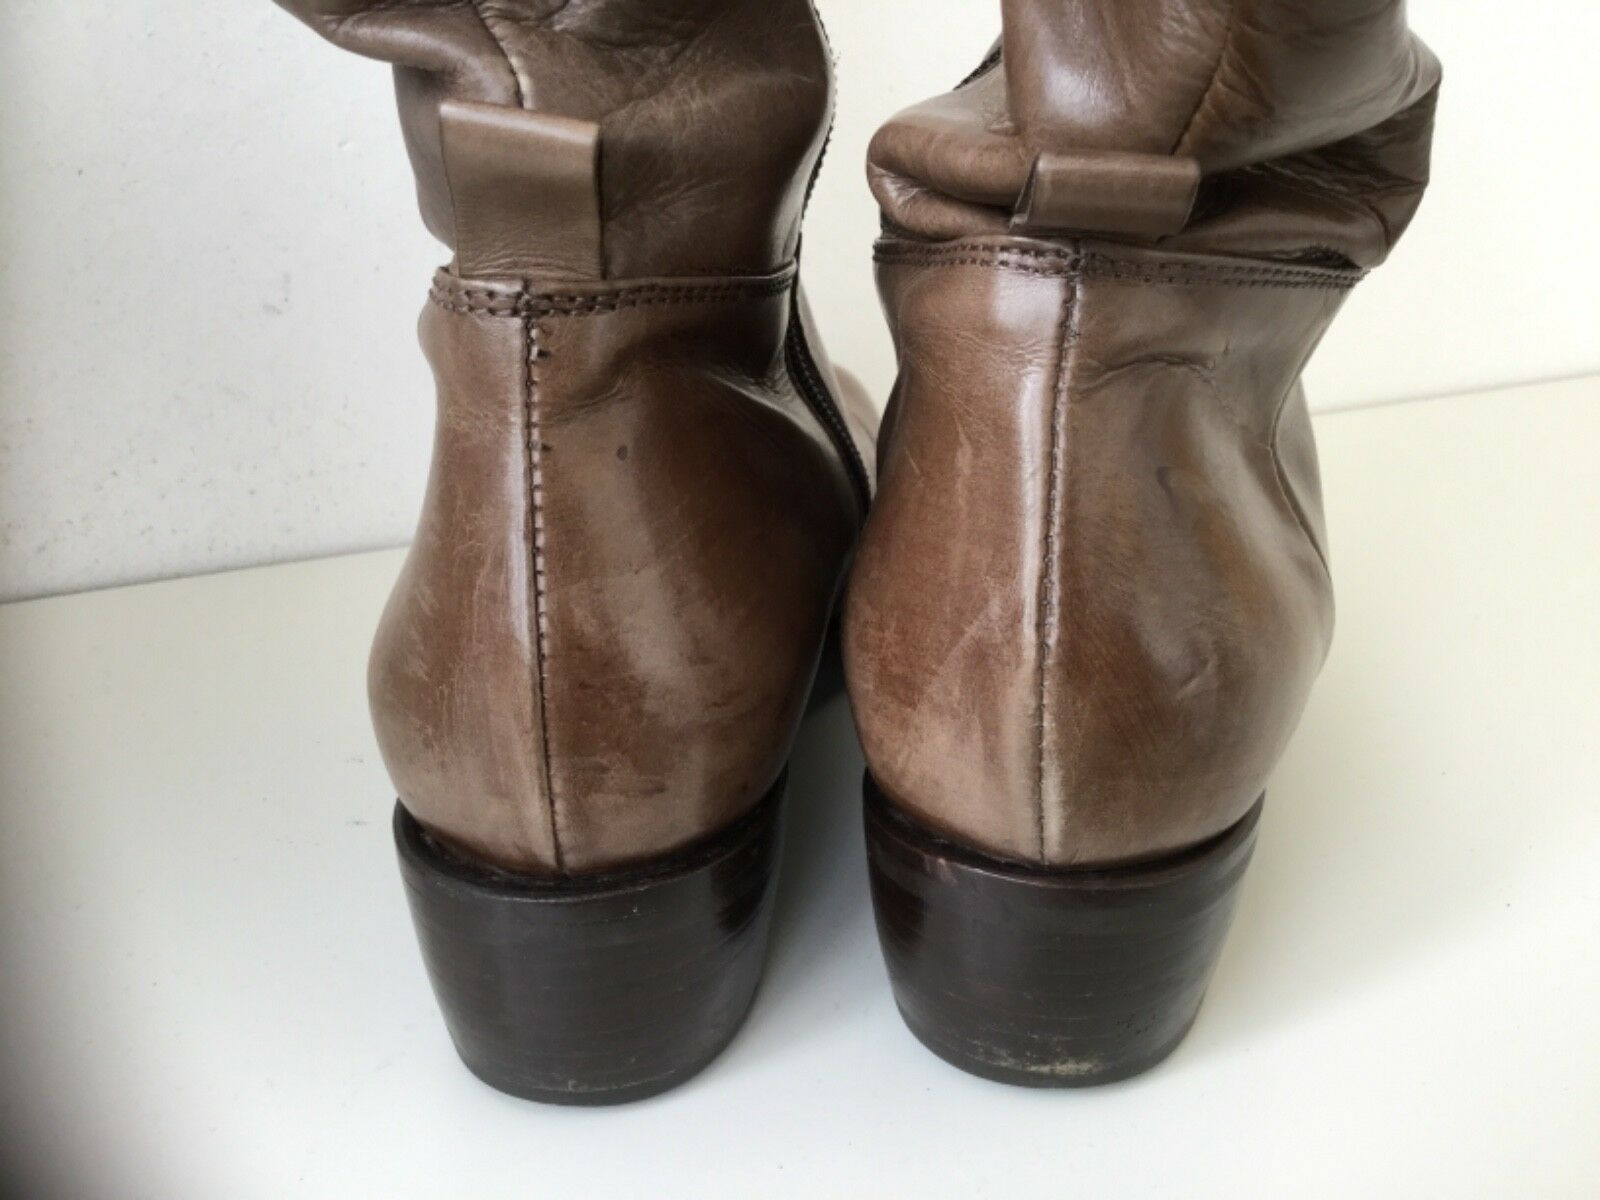 AGL AGL AGL Stiefel Damen 36,5 braun taupe sehr gepflegt 0a70b2